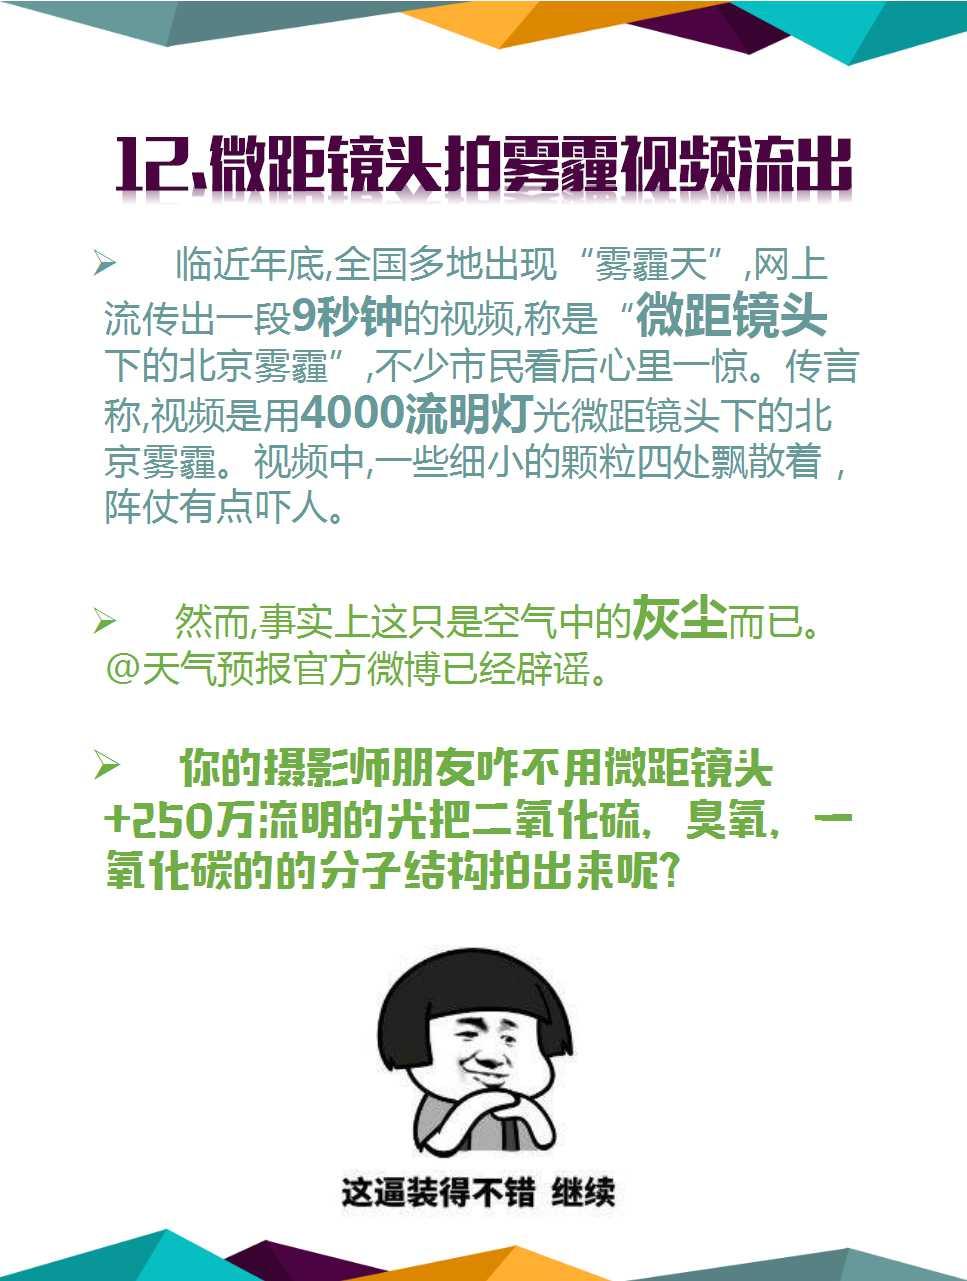 【辟谣】青岛2016年度典型网络谣言发布